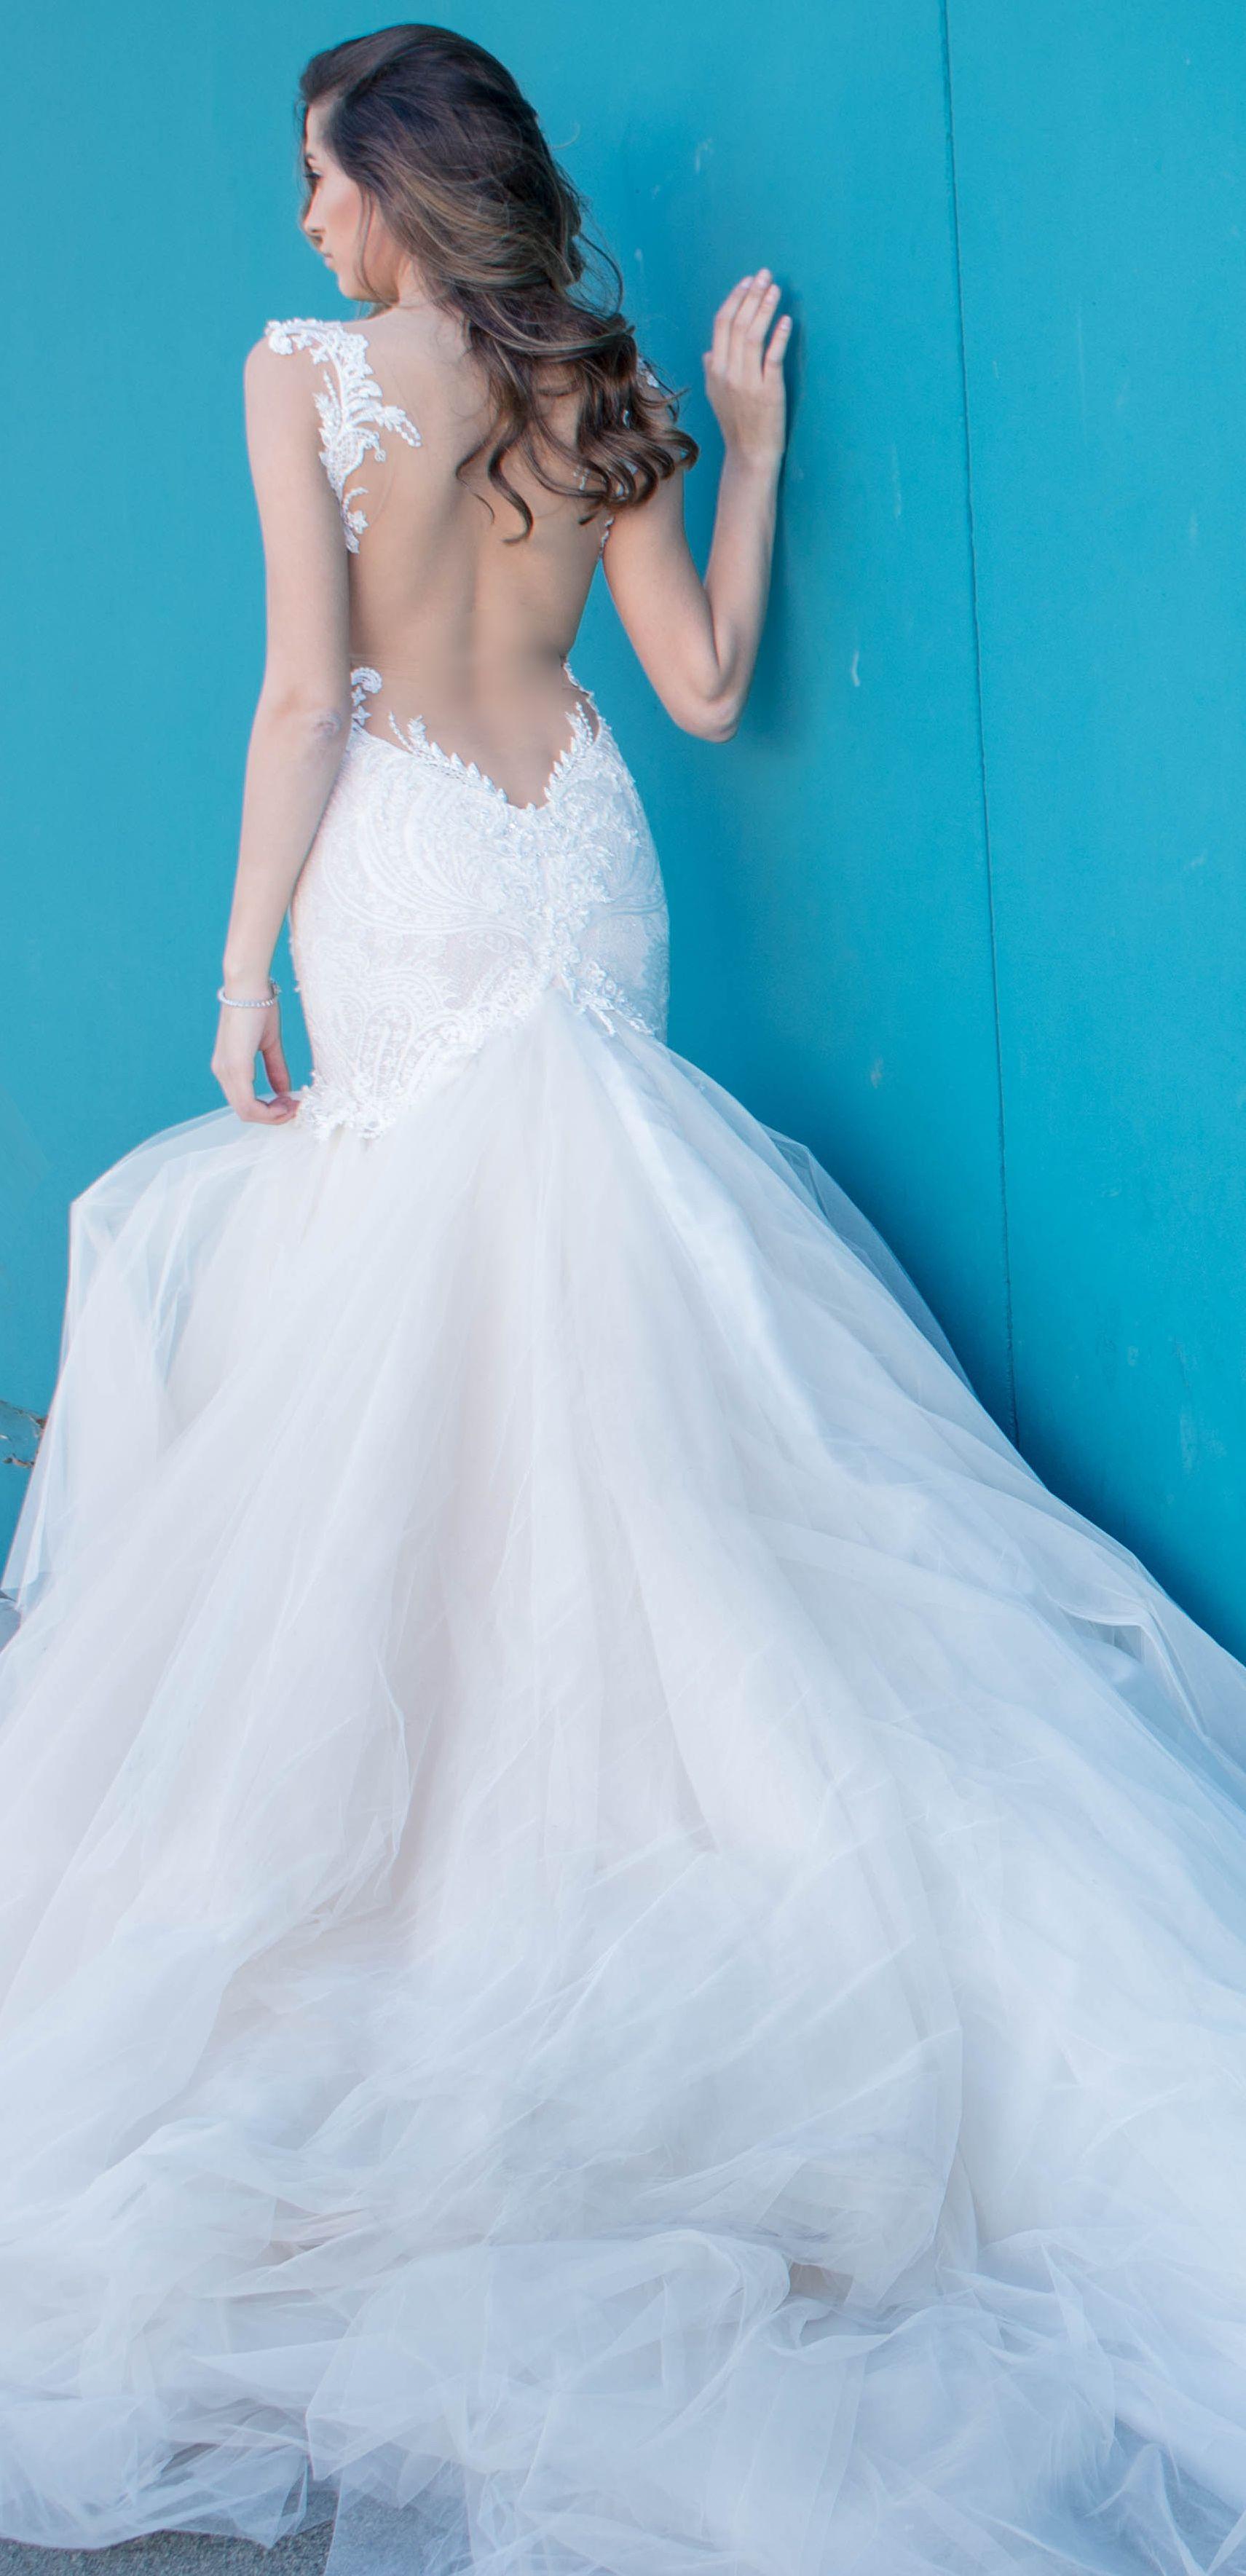 Pin de Ana María Salazar Trujillo en Wedding Dresses | Pinterest ...